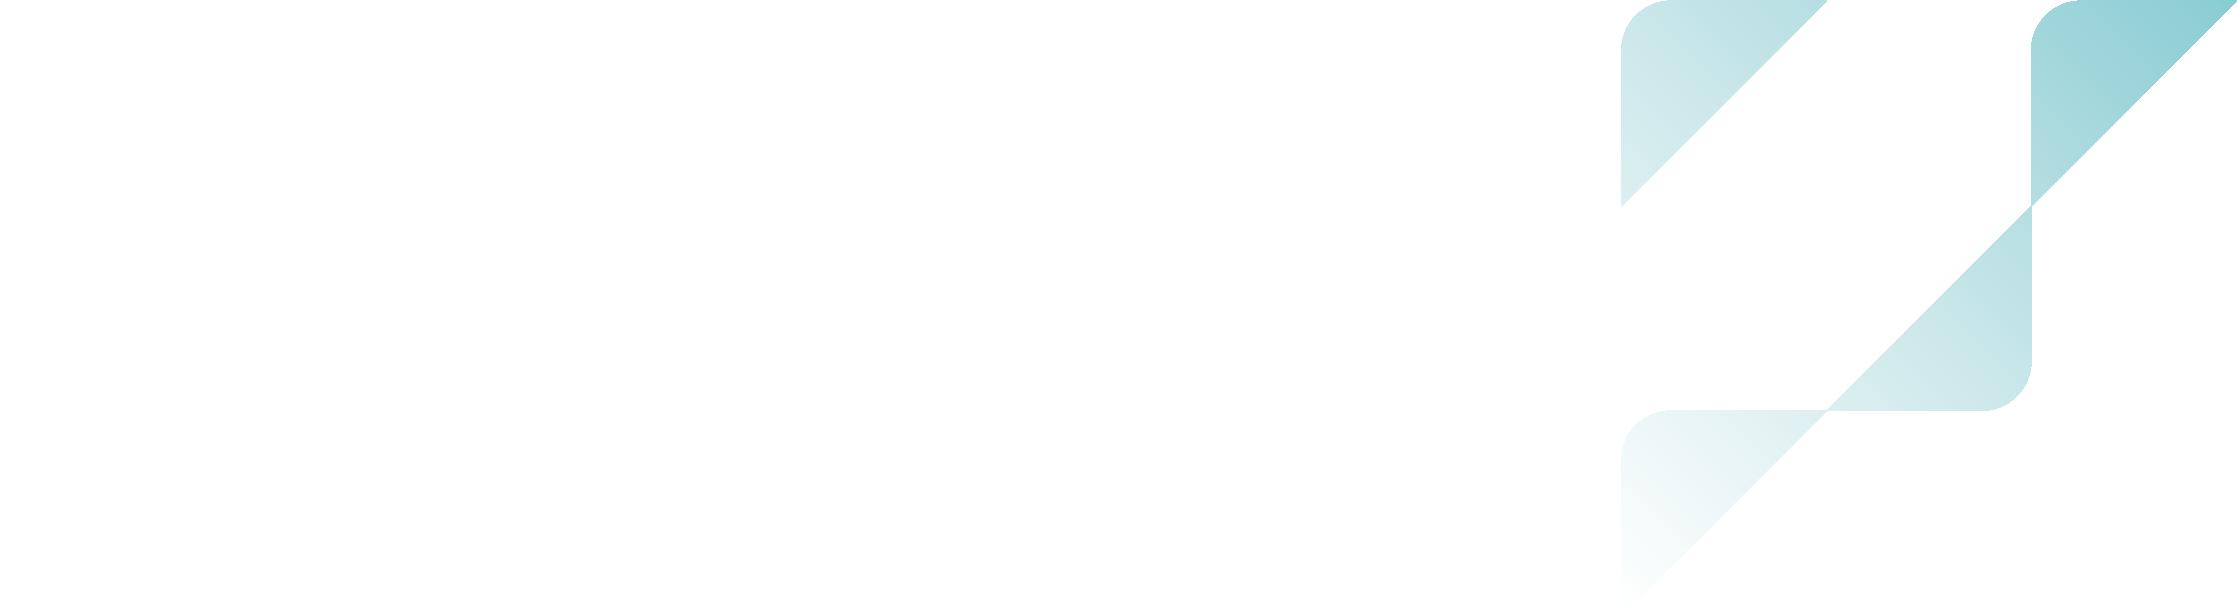 previsao-de-cores-use-fashion